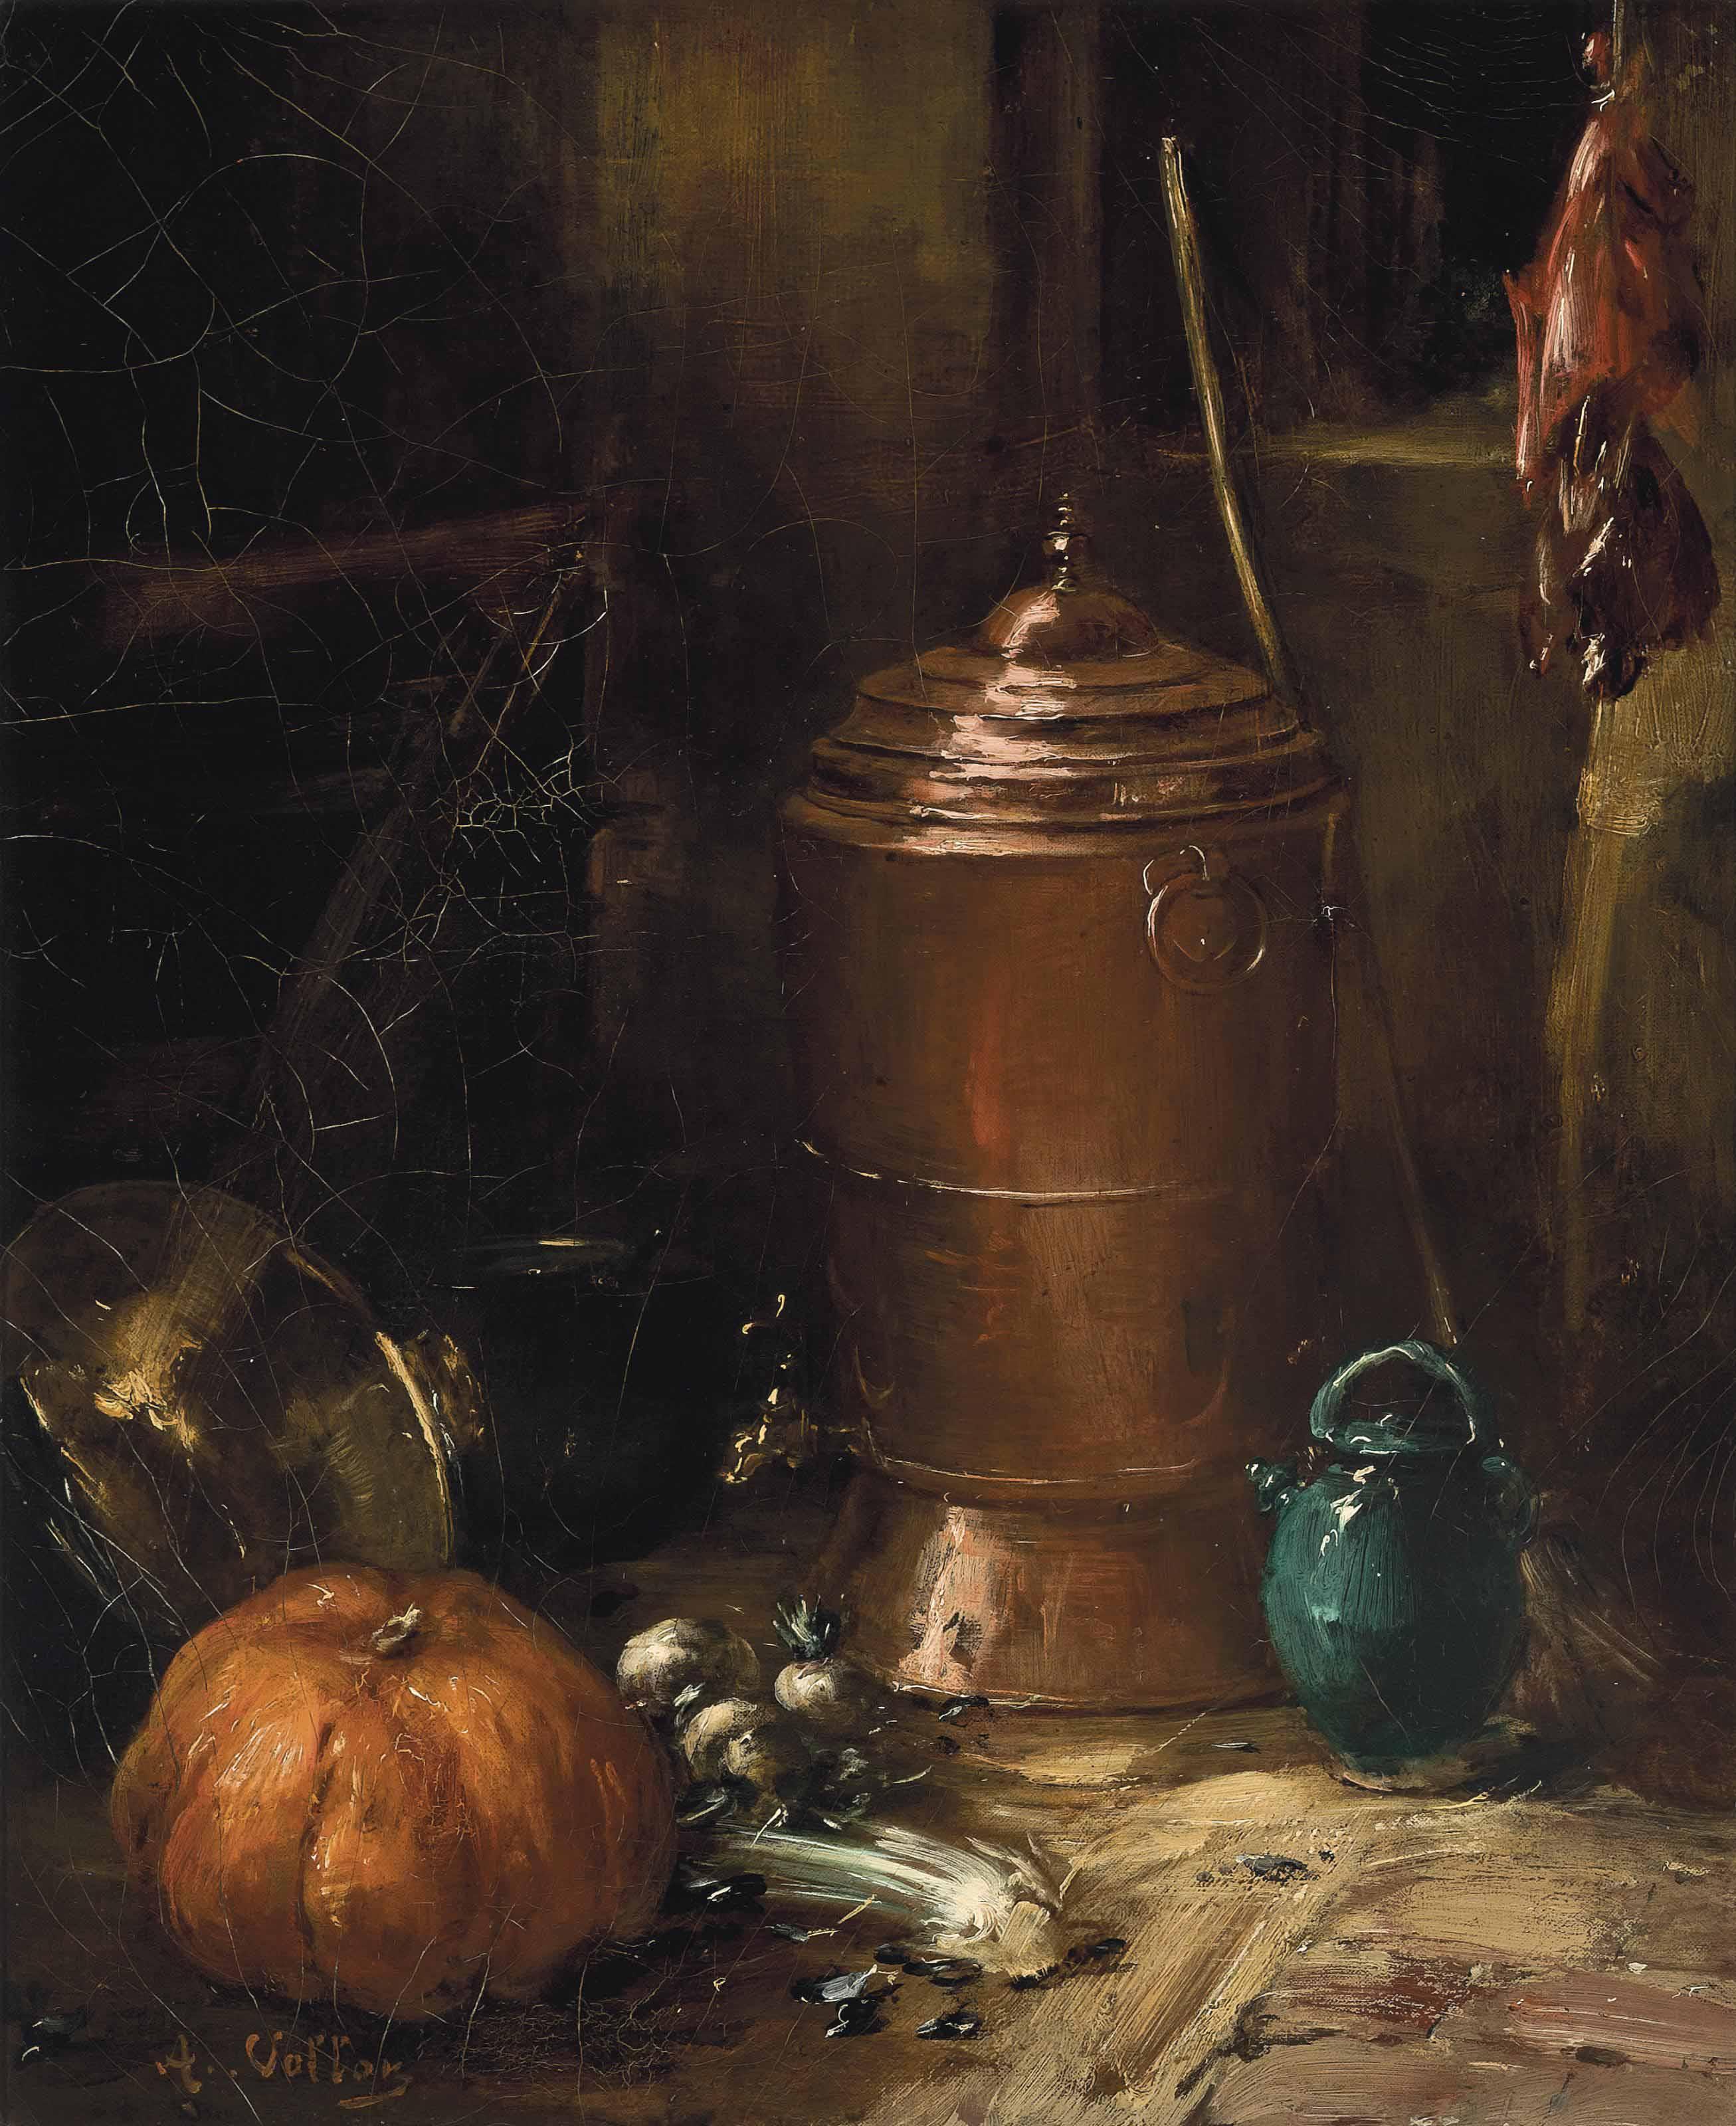 Antoine Vollon (FRENCH, 1833-1900)